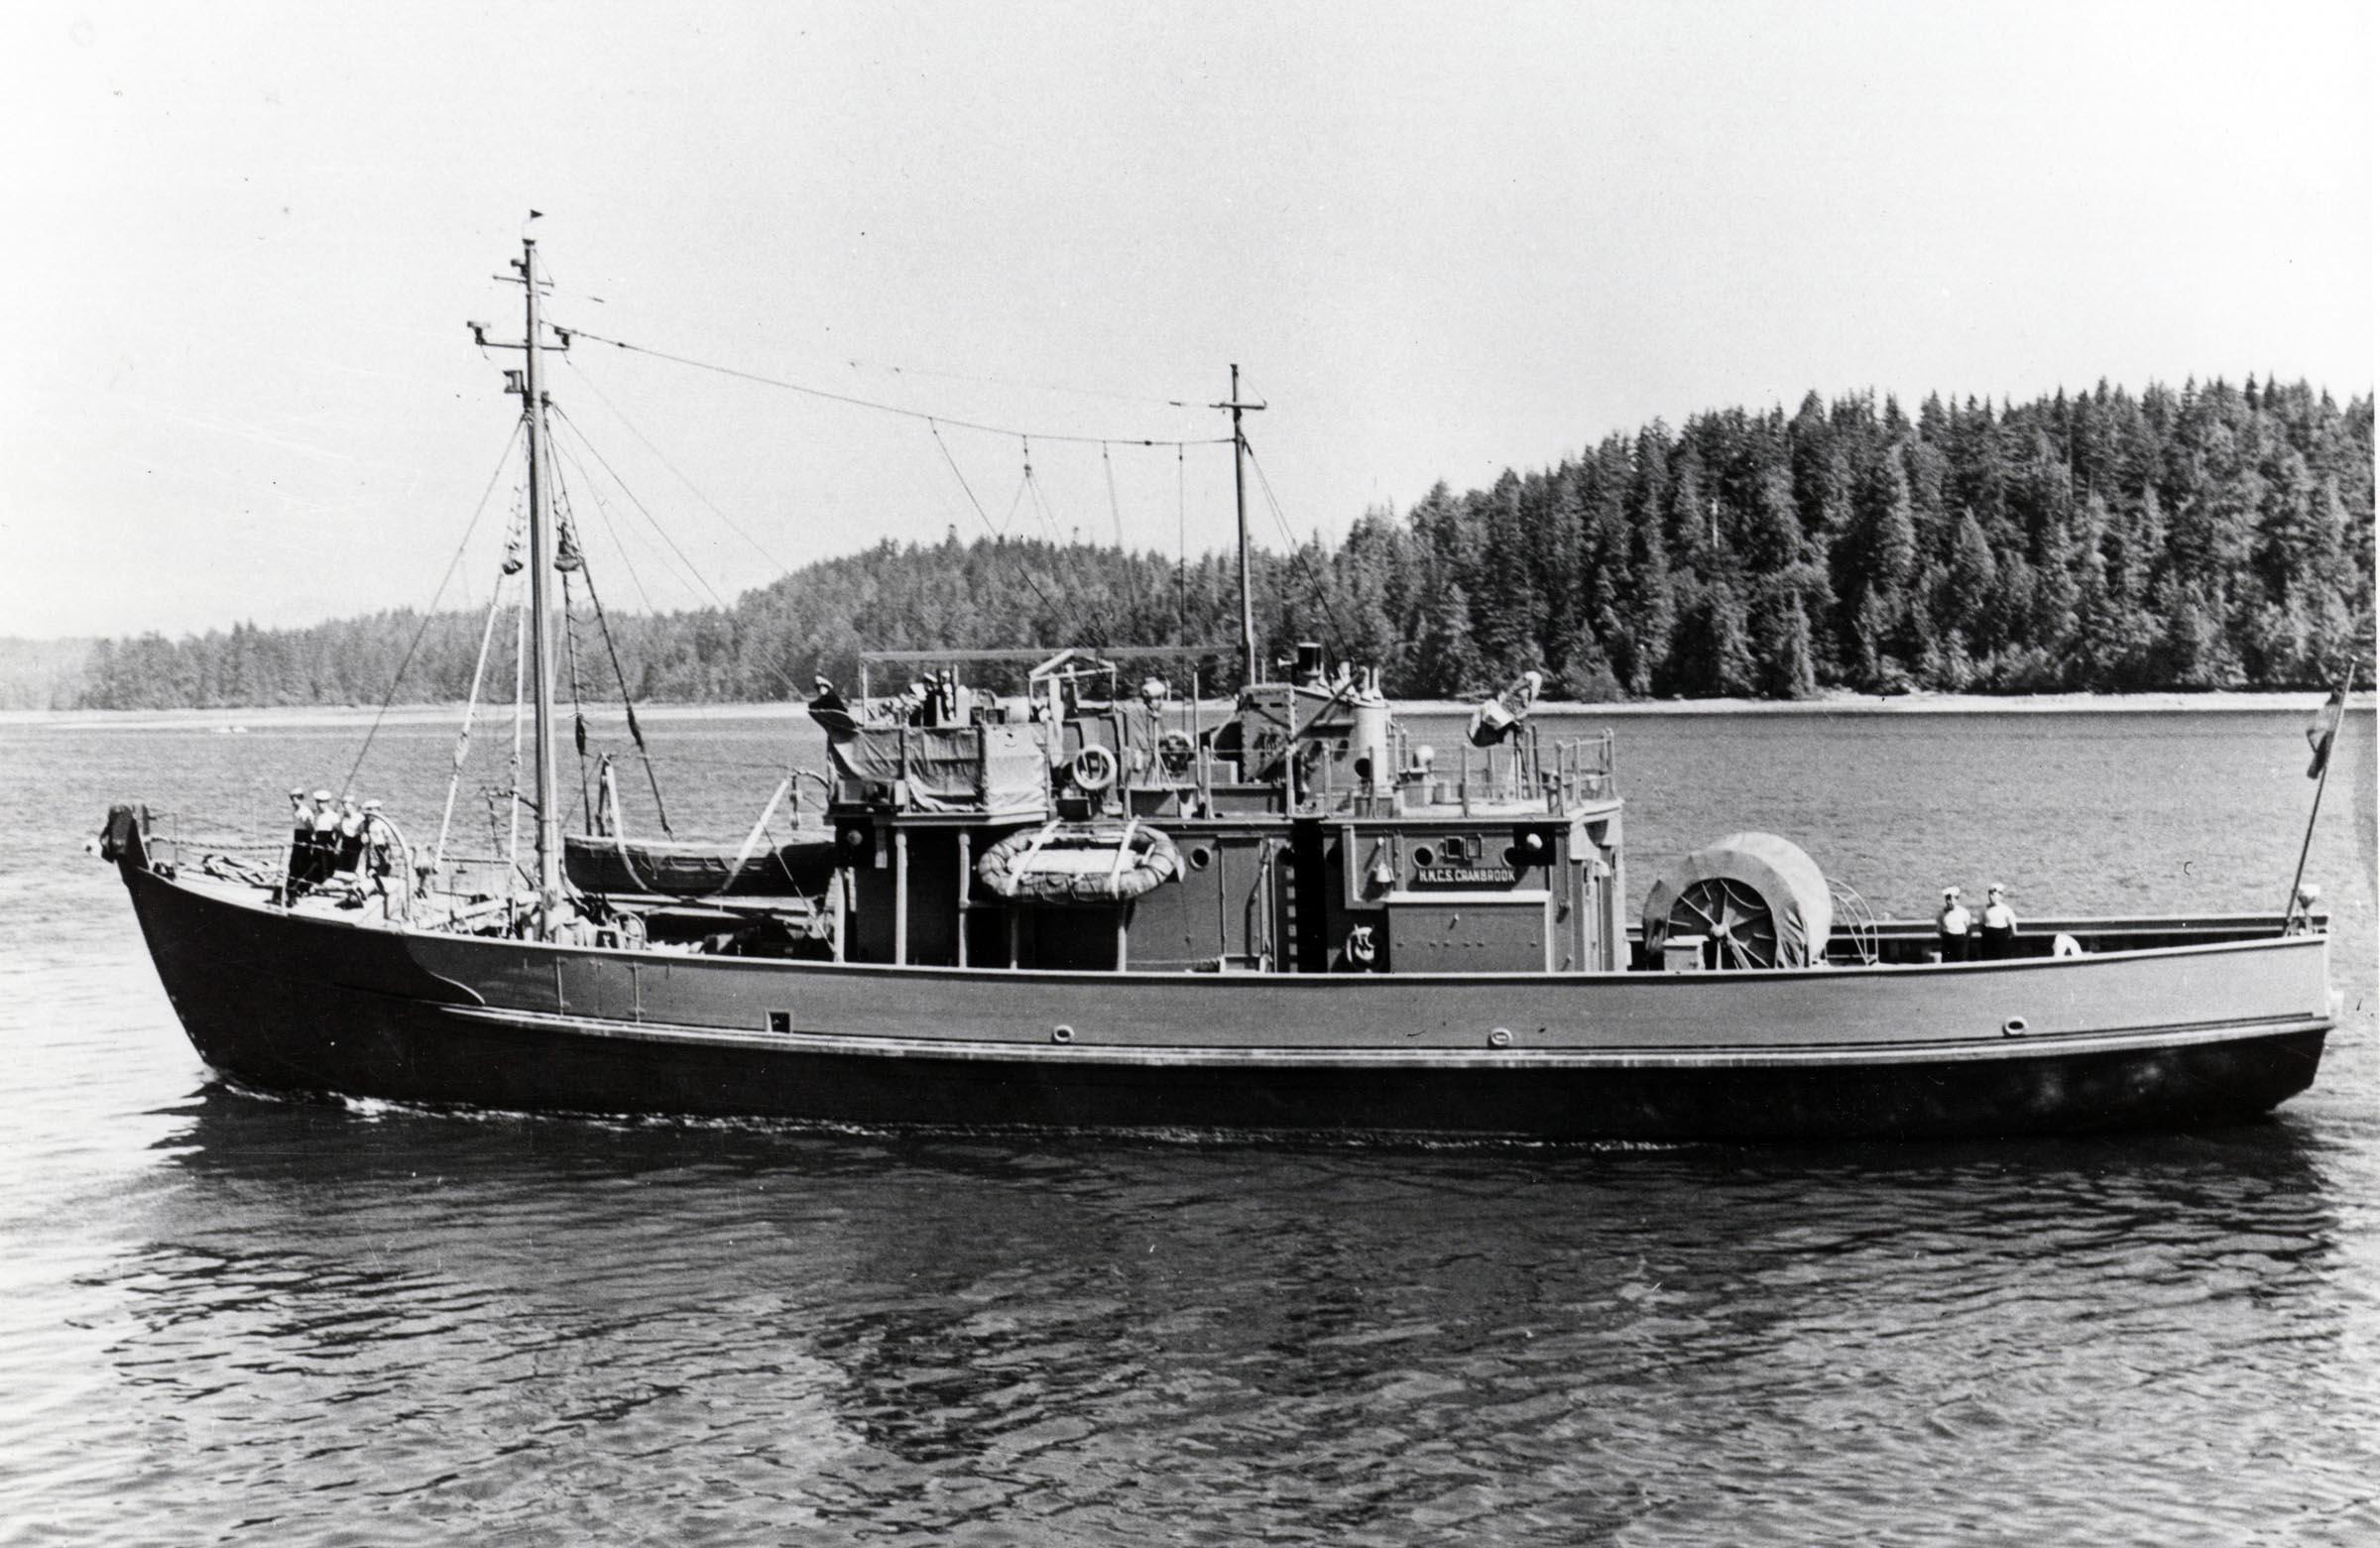 HMCS CRANBROOK